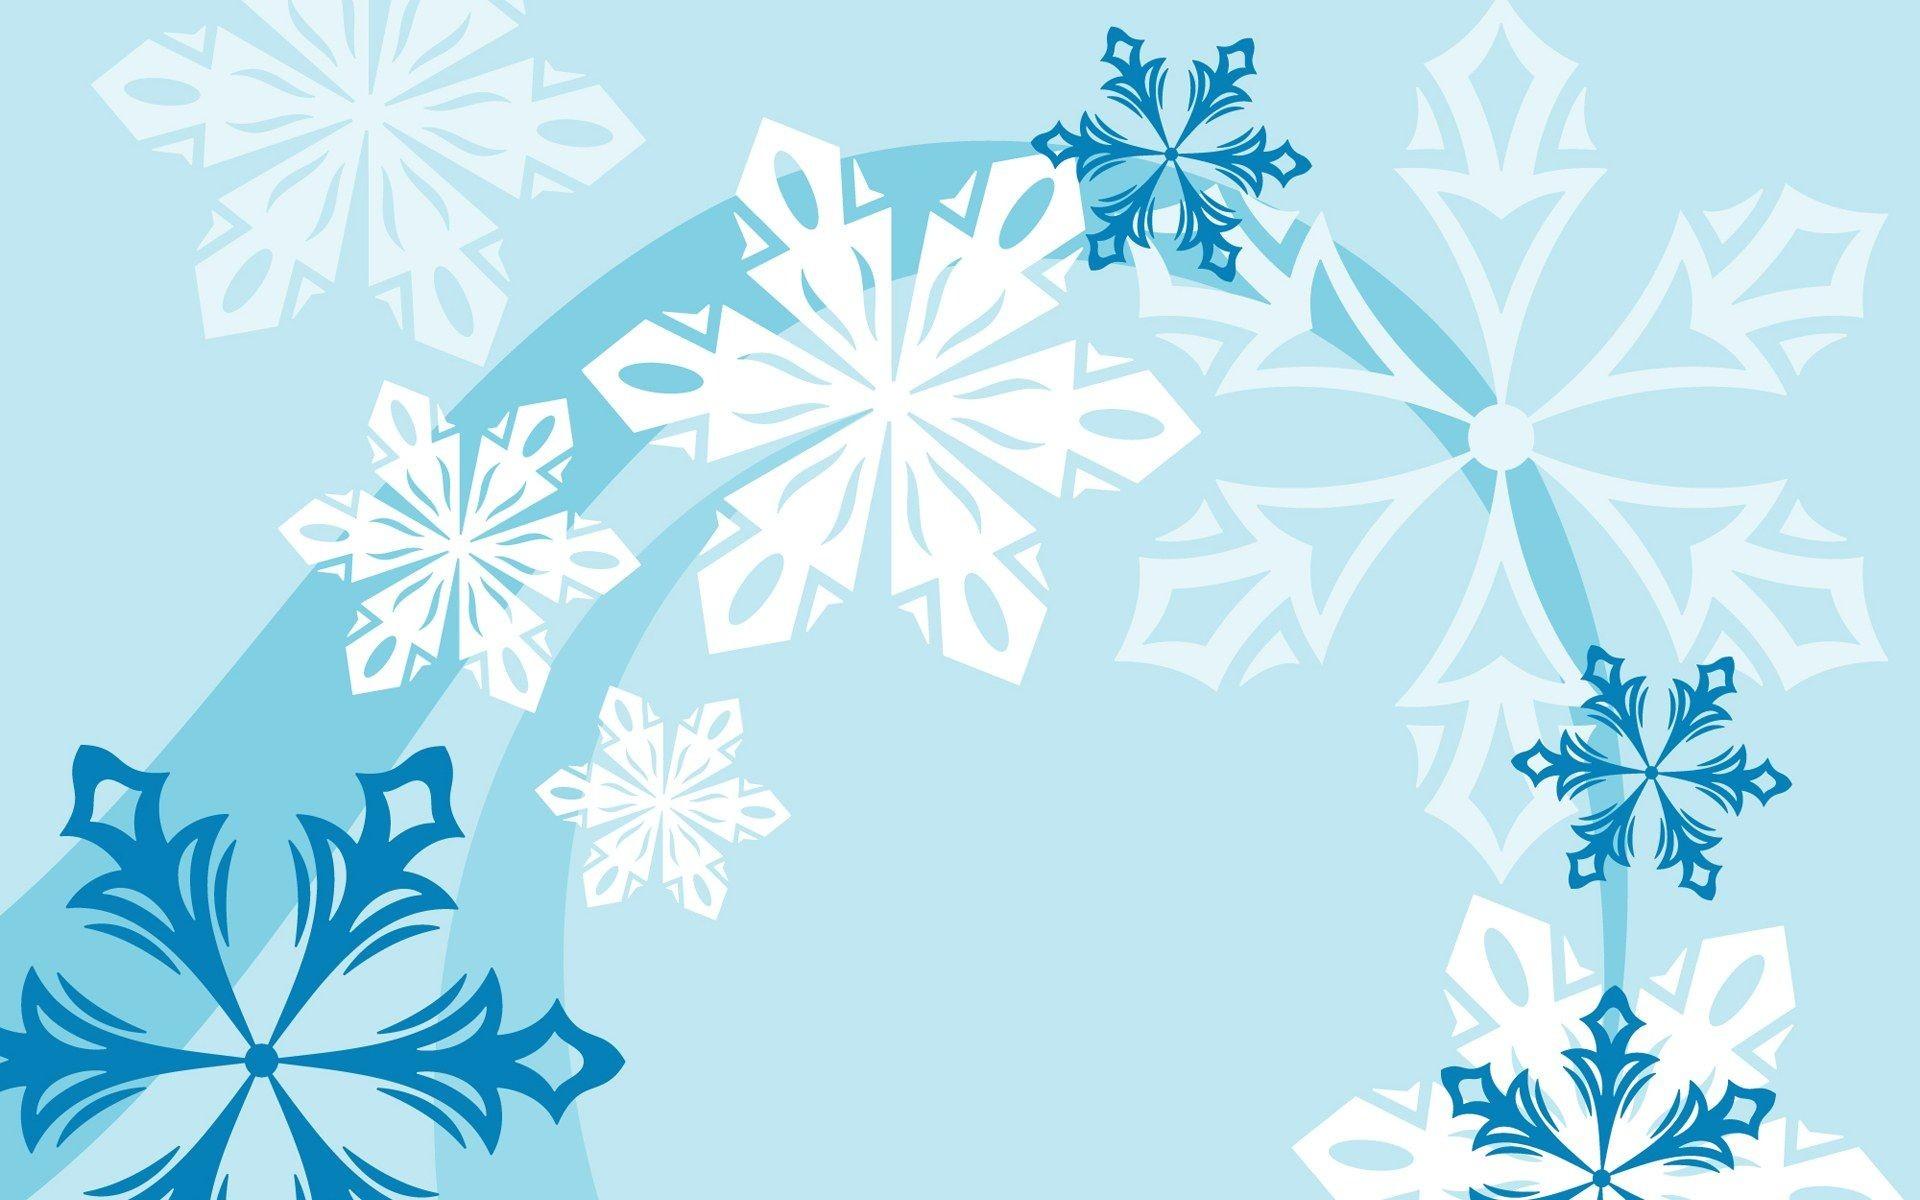 Free Desktop Wallpapers Winter Scenes Wallpaper